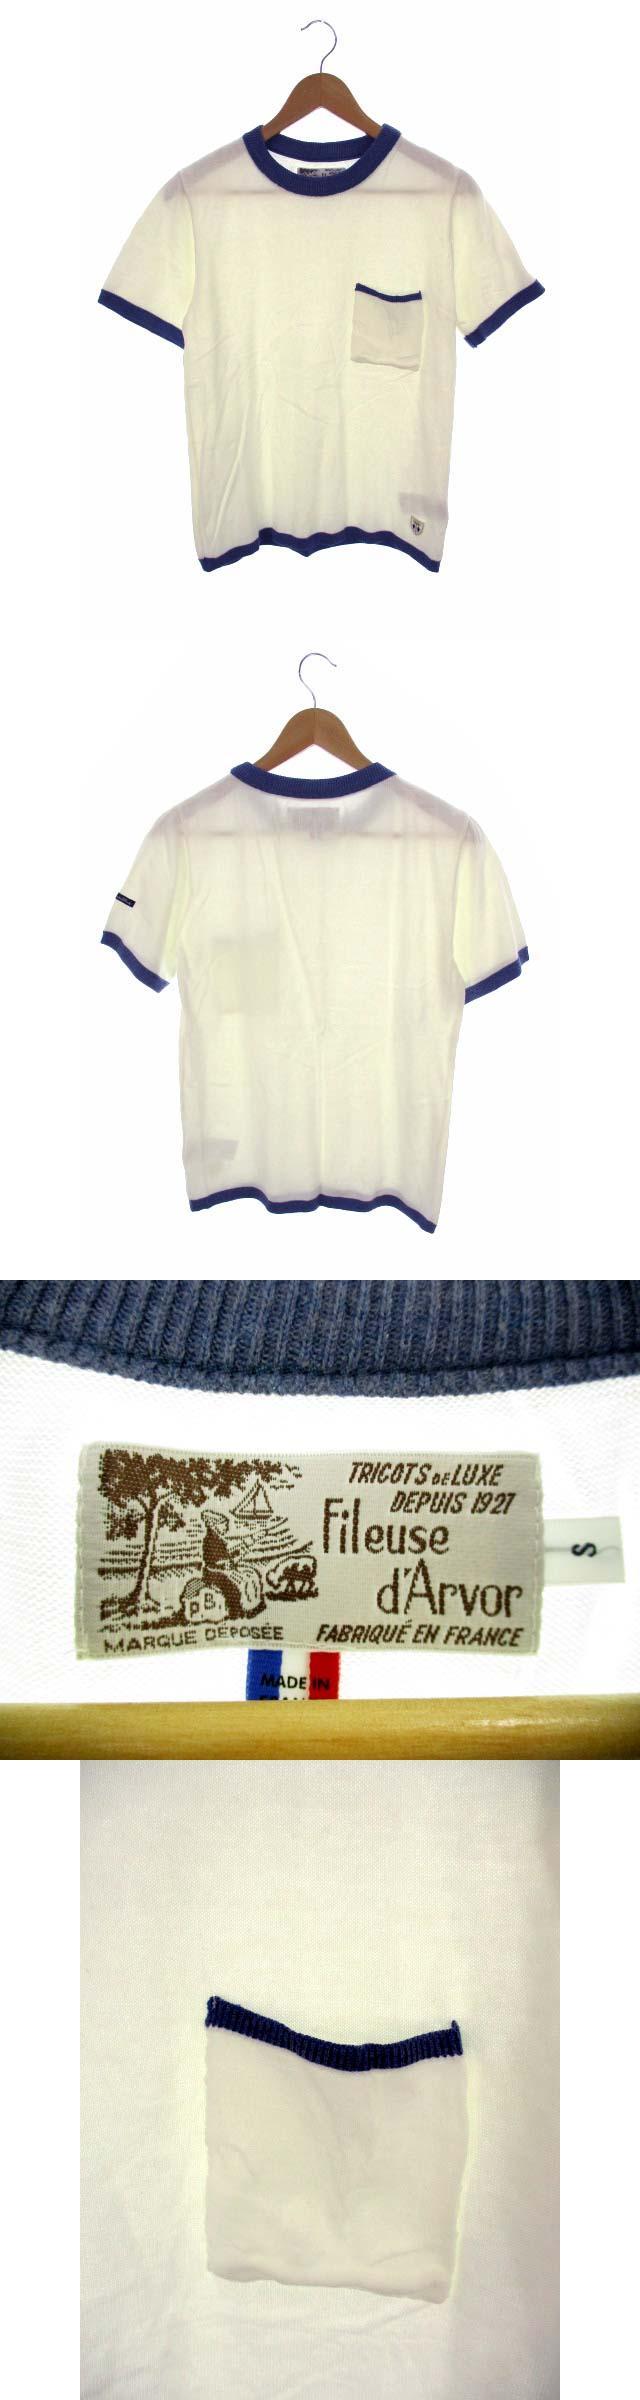 フィルーズダルボー Fileuse d'Arvor 半袖 ニット Tシャツ カットソー ポケット サマーニット 綿 コットン 白 青 ホワイト ブルー サイズS フランス製